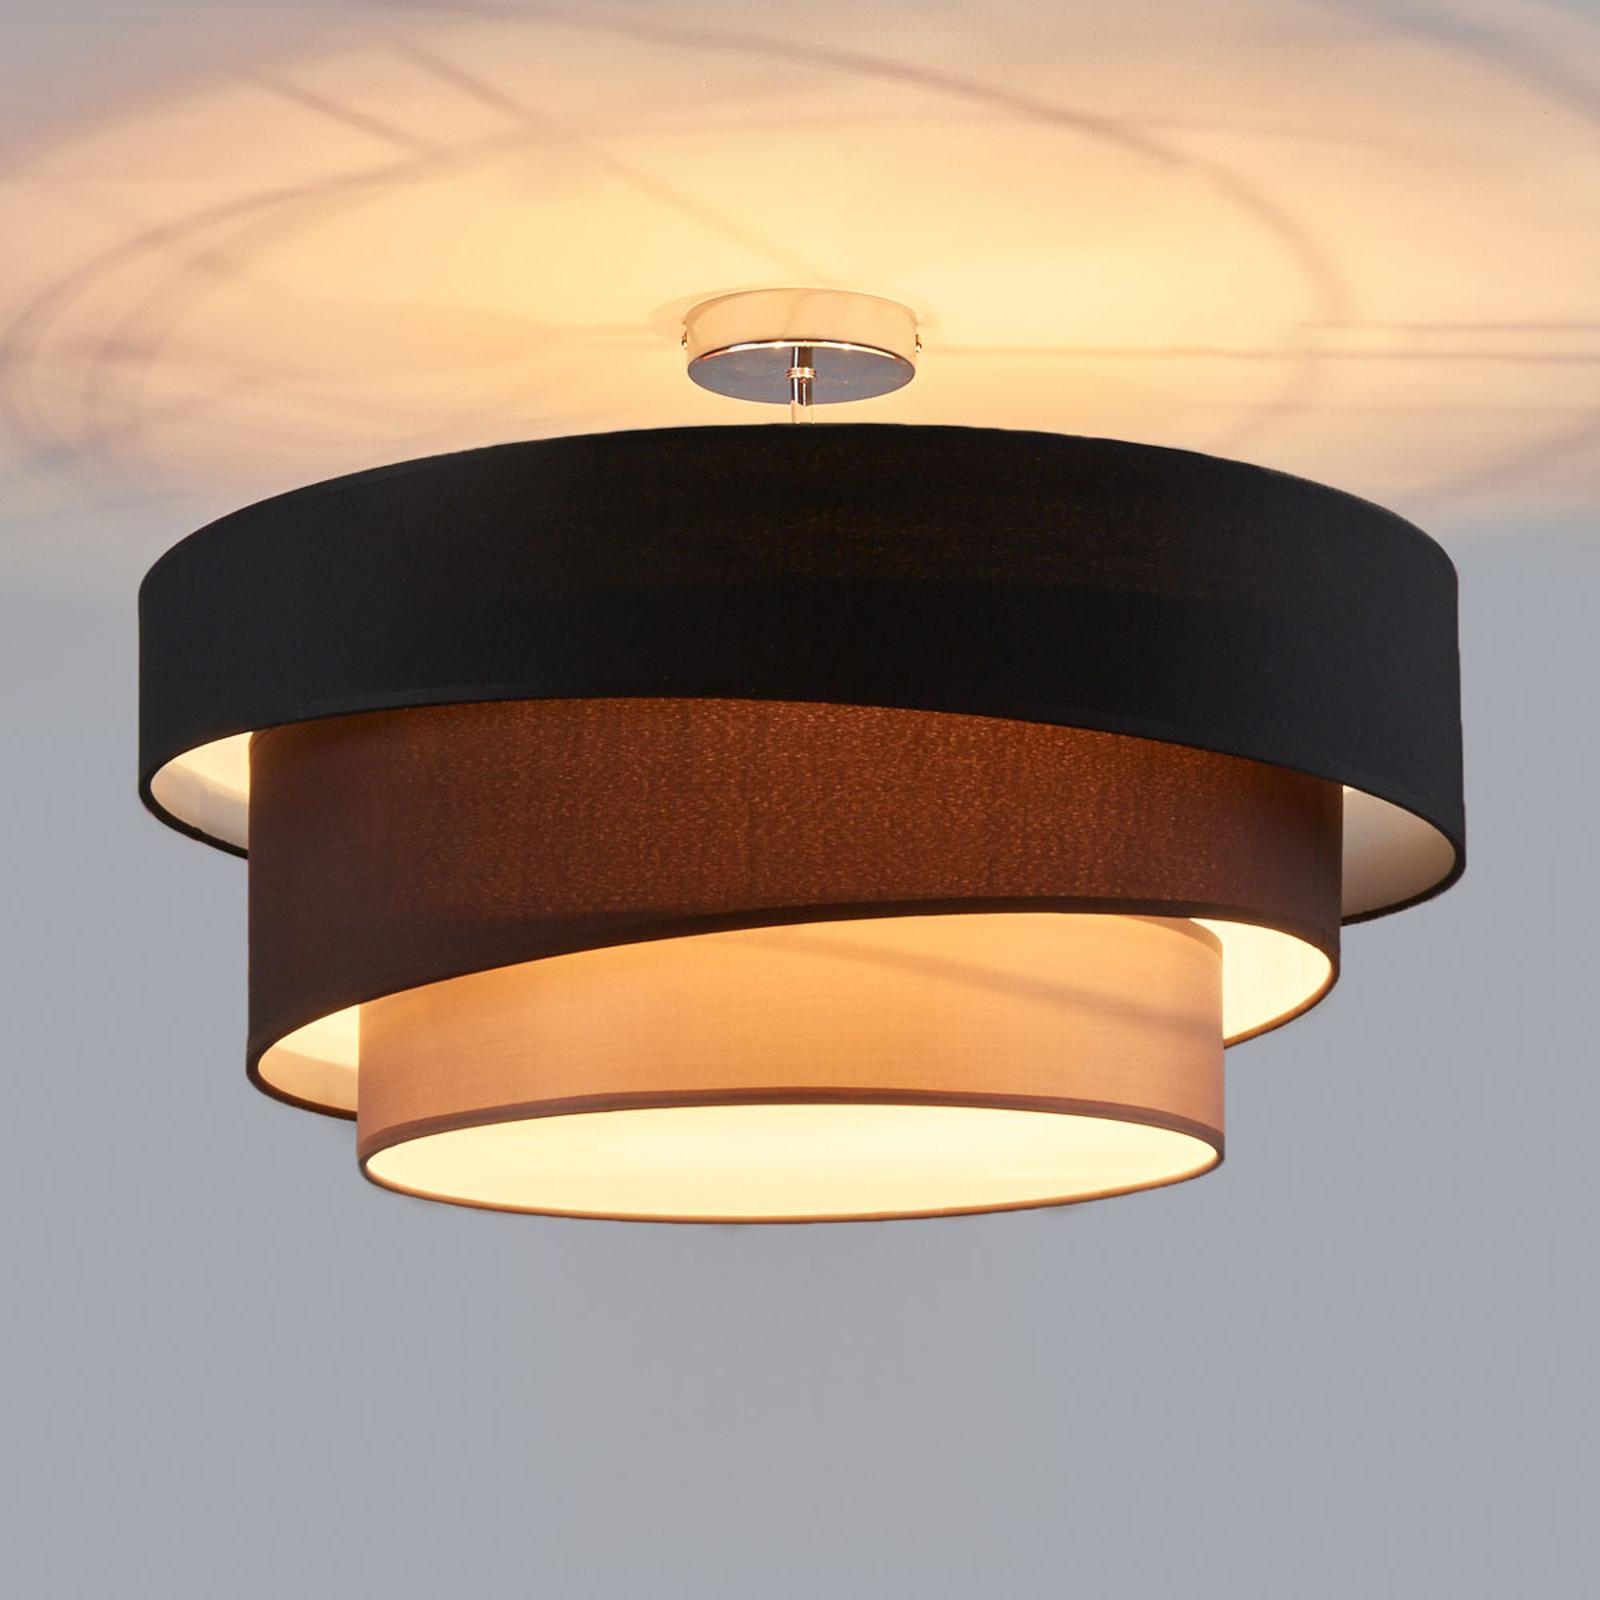 Aansprekende plafondlamp Melia, zwart en bruin